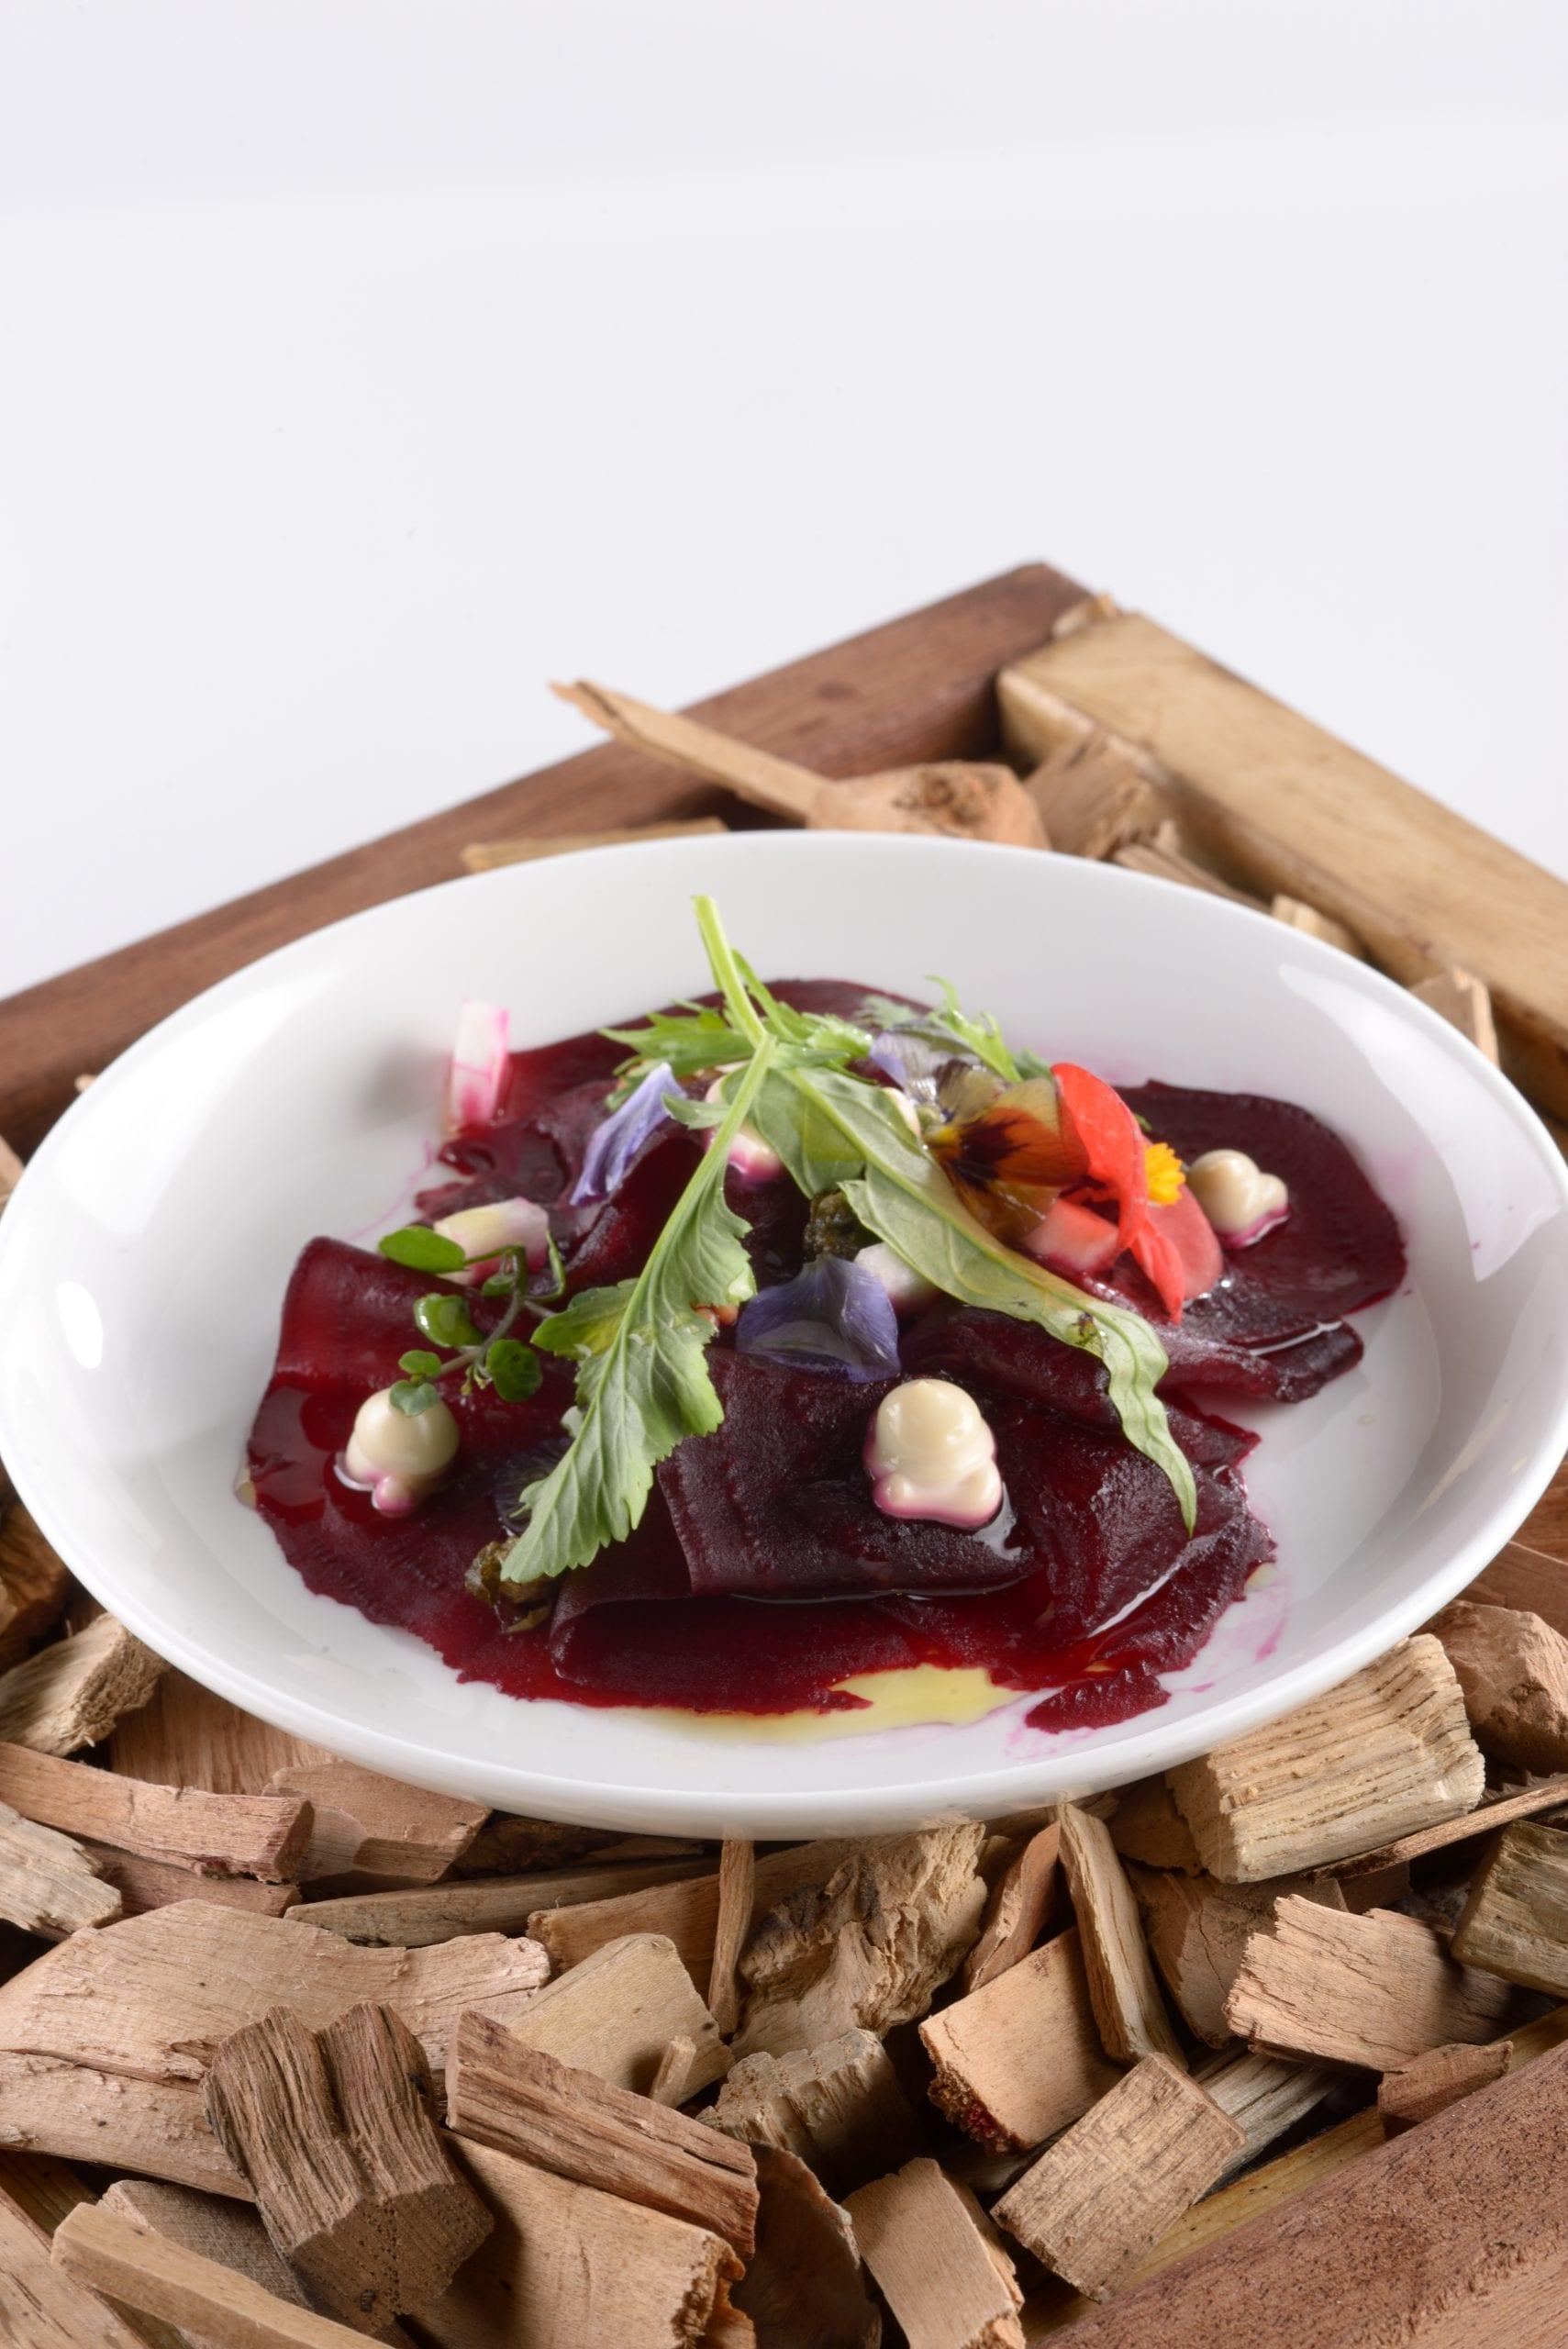 Carpaccio di Barbabietola, maionese vegana, senape e agrumi